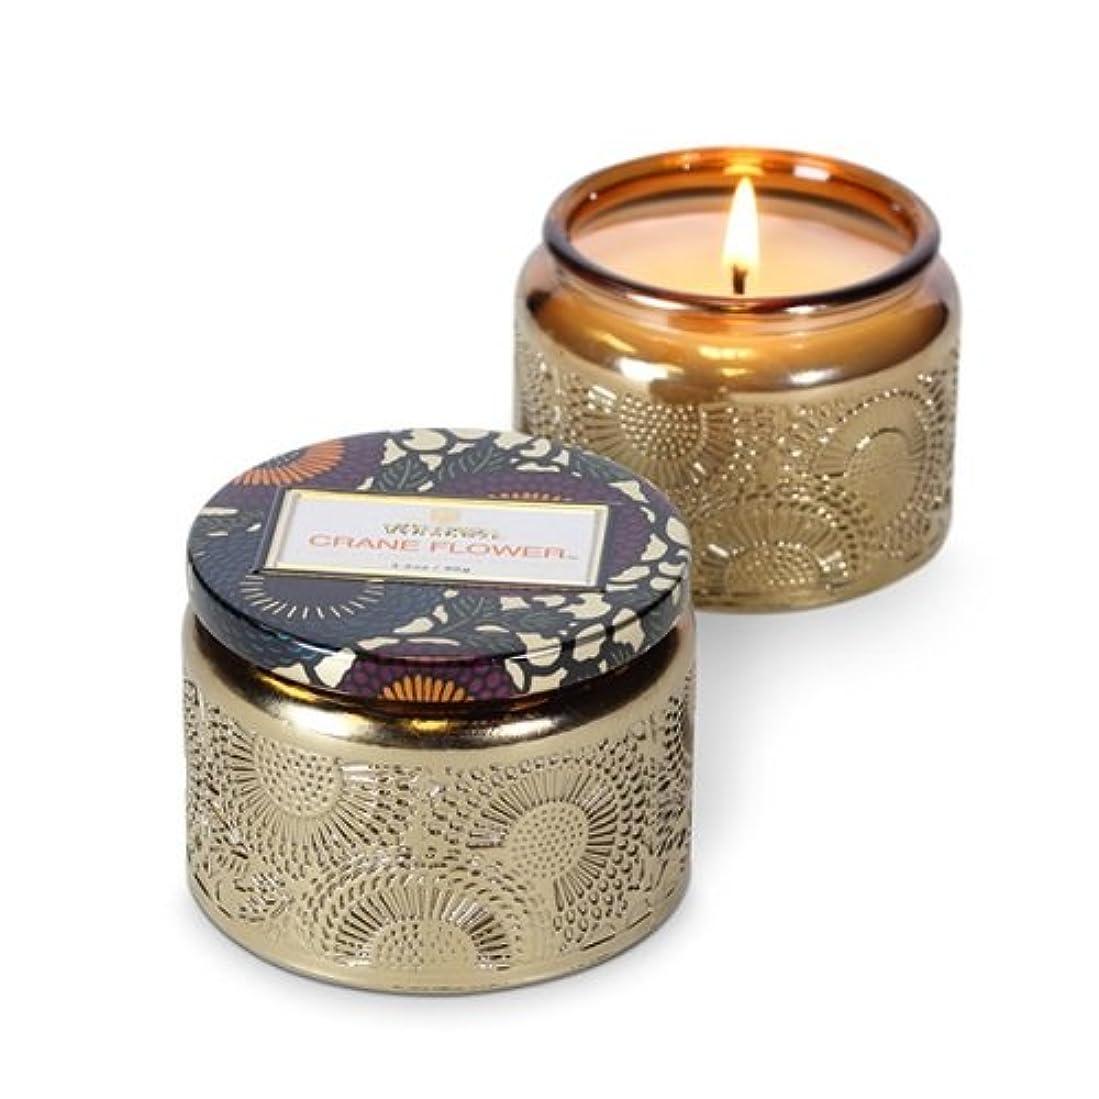 大理石シリアル理解Voluspa ボルスパ ジャポニカ グラスジャーキャンドル S クレーンフラワー JAPONICA Glass jar candle CRANE FLOWER